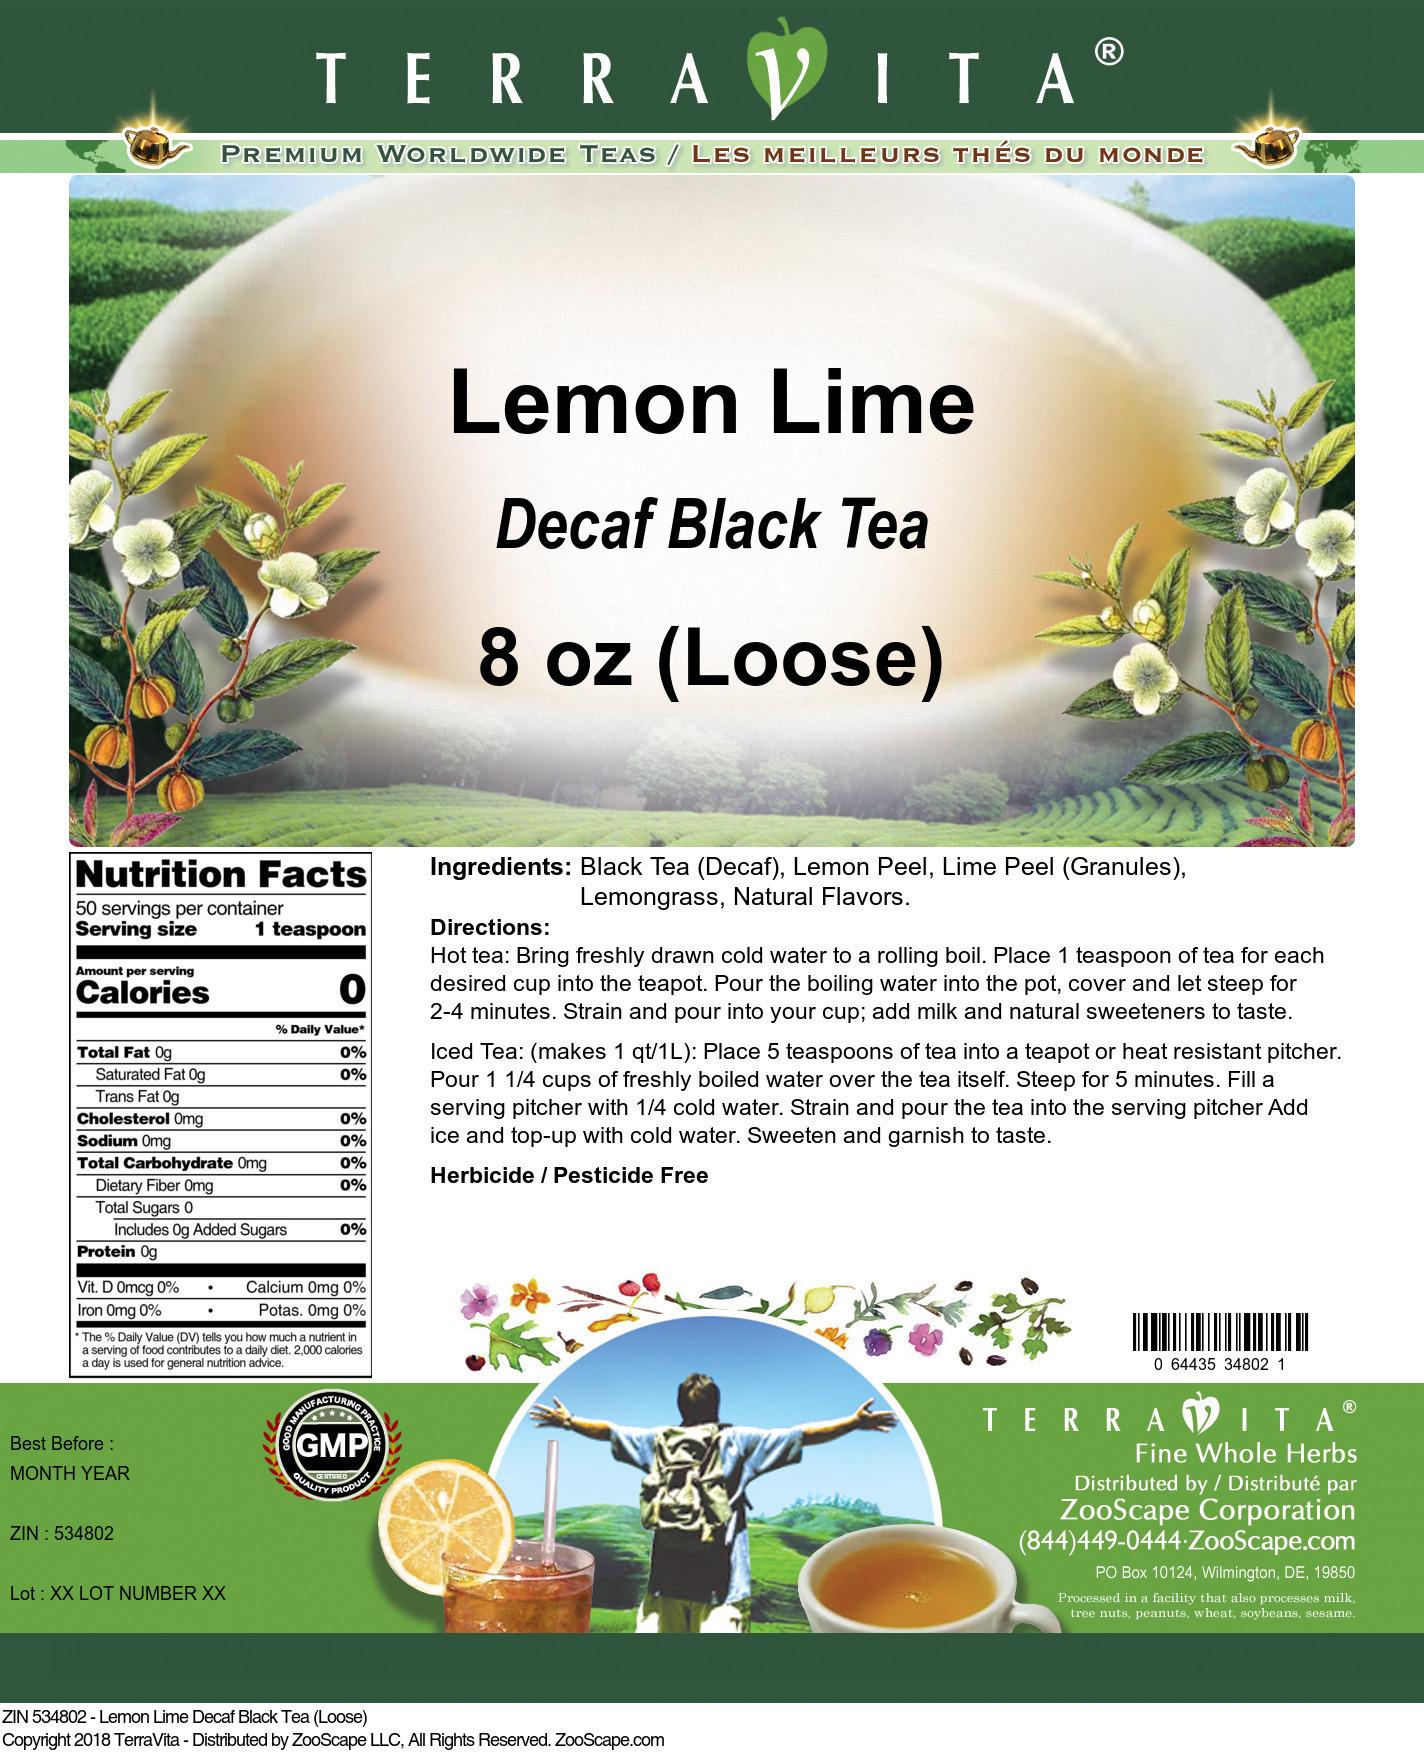 Lemon Lime Decaf Black Tea